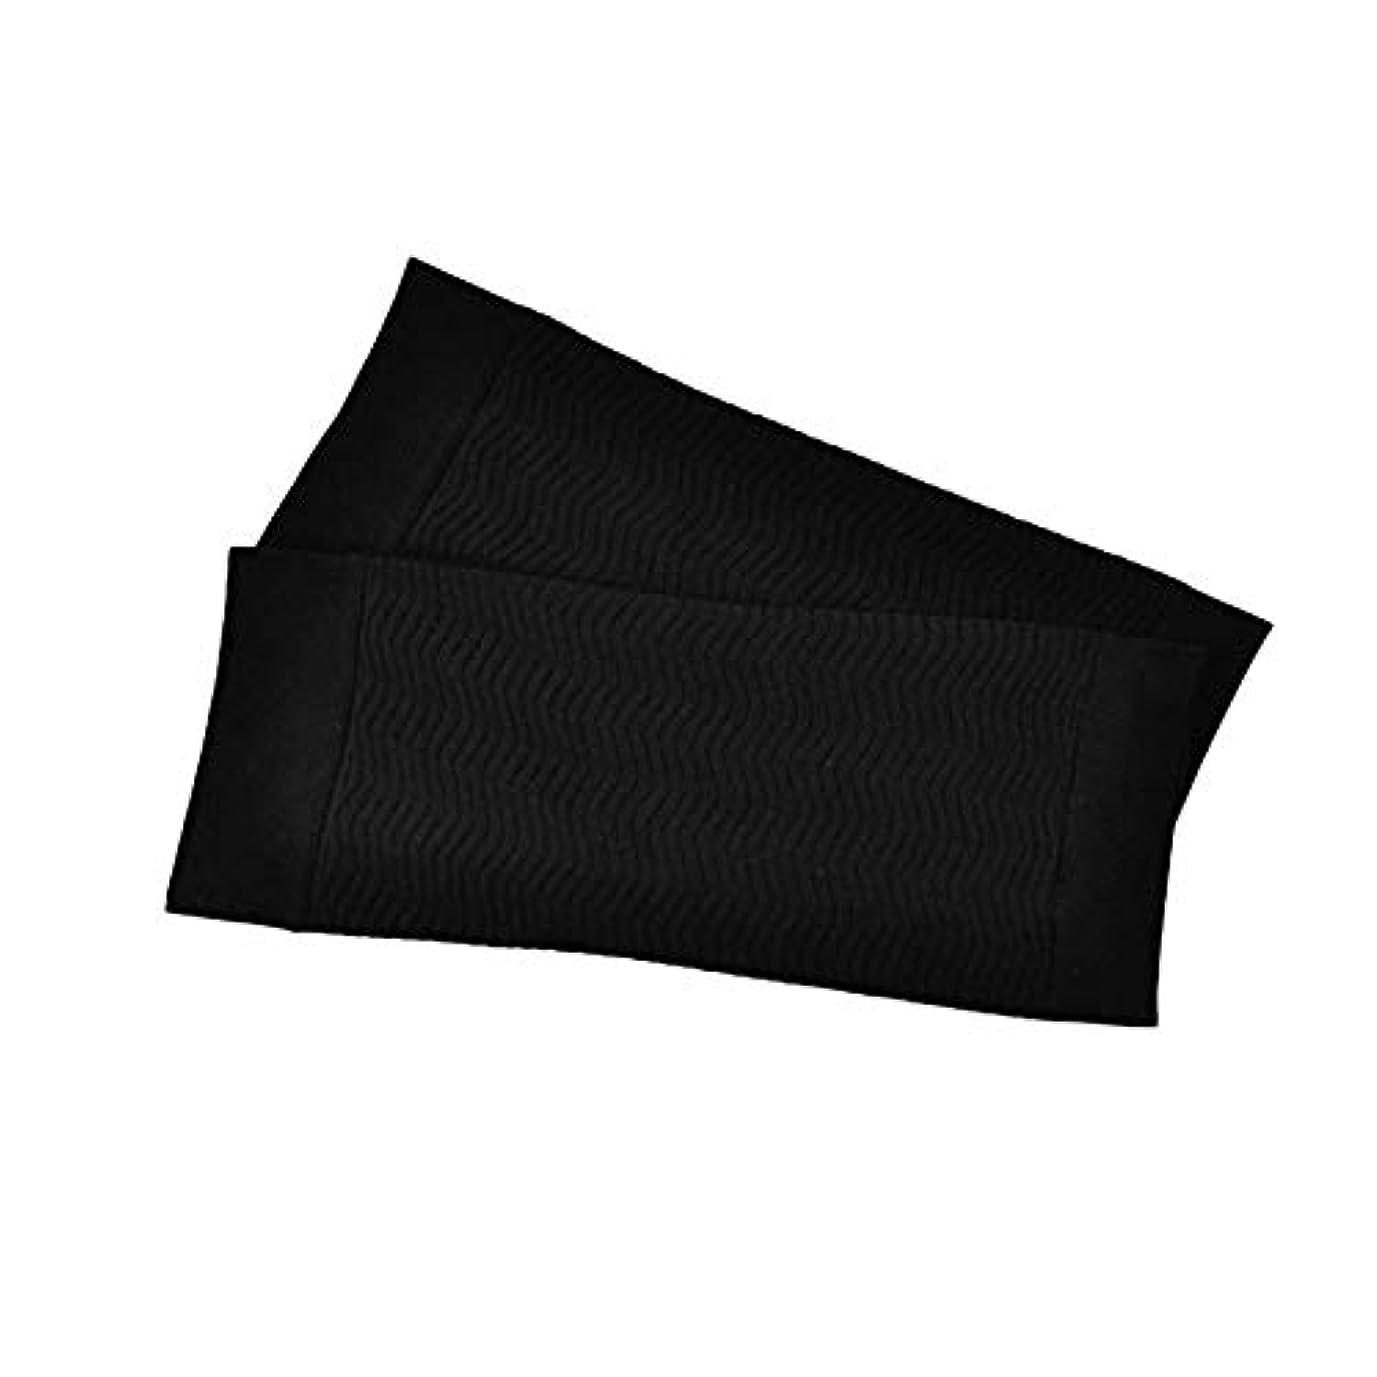 故障マージ会社1ペア680 D圧縮アームシェイパーワークアウトトーニングバーンセルライトスリミングアームスリーブ脂肪燃焼半袖用女性 - ブラック